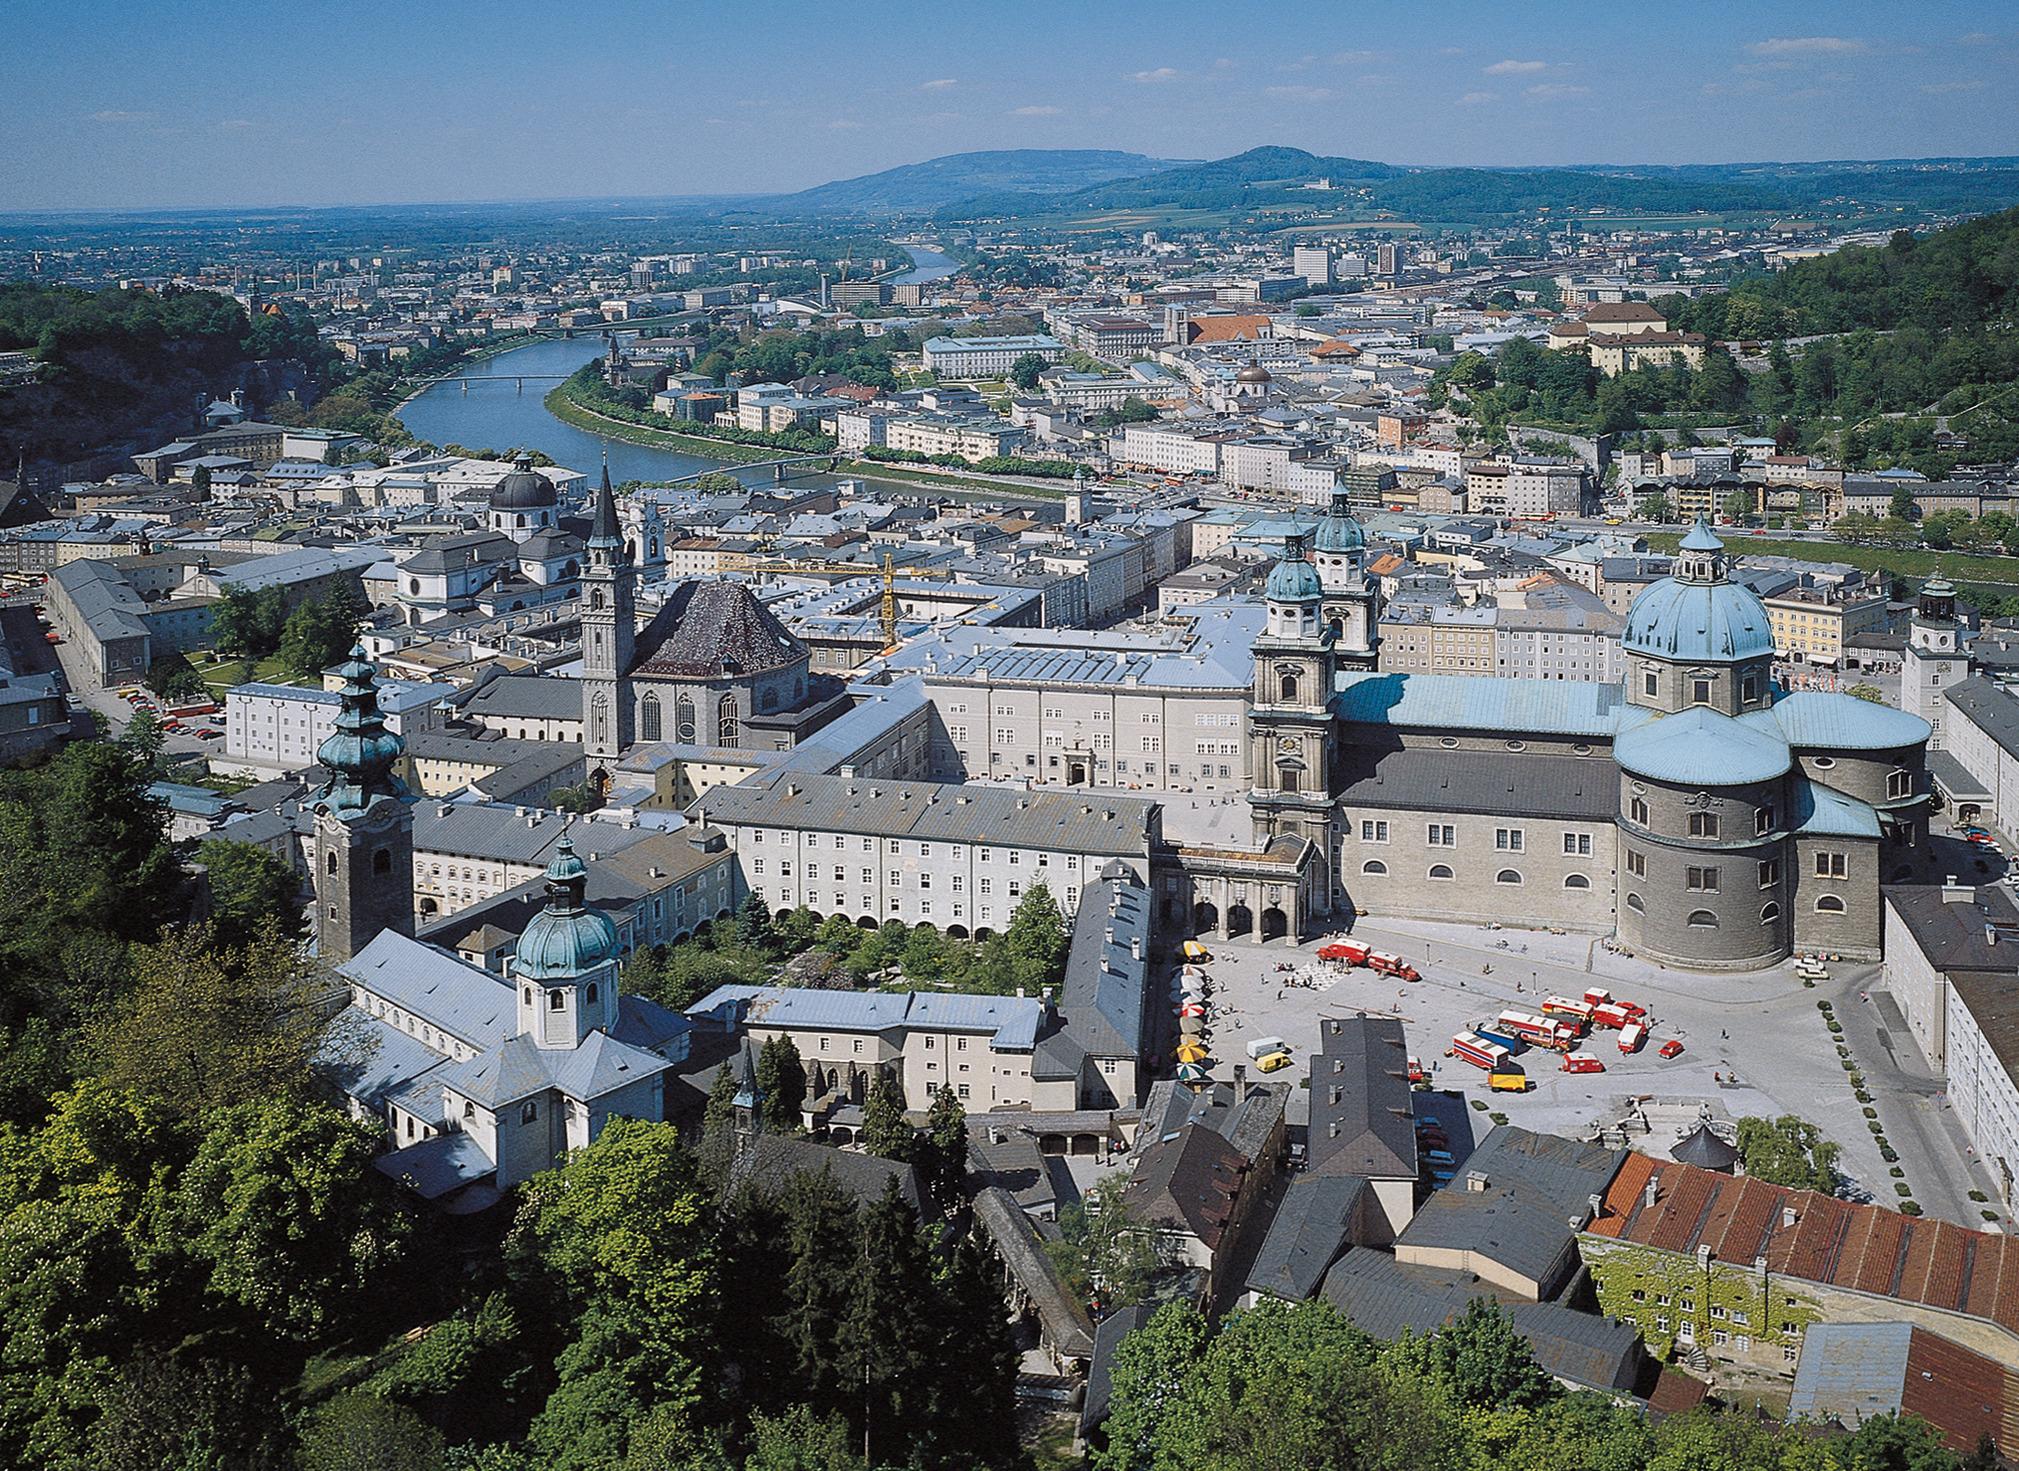 Appartement de vacances Salzburg/Ferienparadies am See/Goldener Herbst/ Christmas & Sylvester (2374298), Seekirchen am Wallersee, Salzbourg plaine, Salzbourg, Autriche, image 11